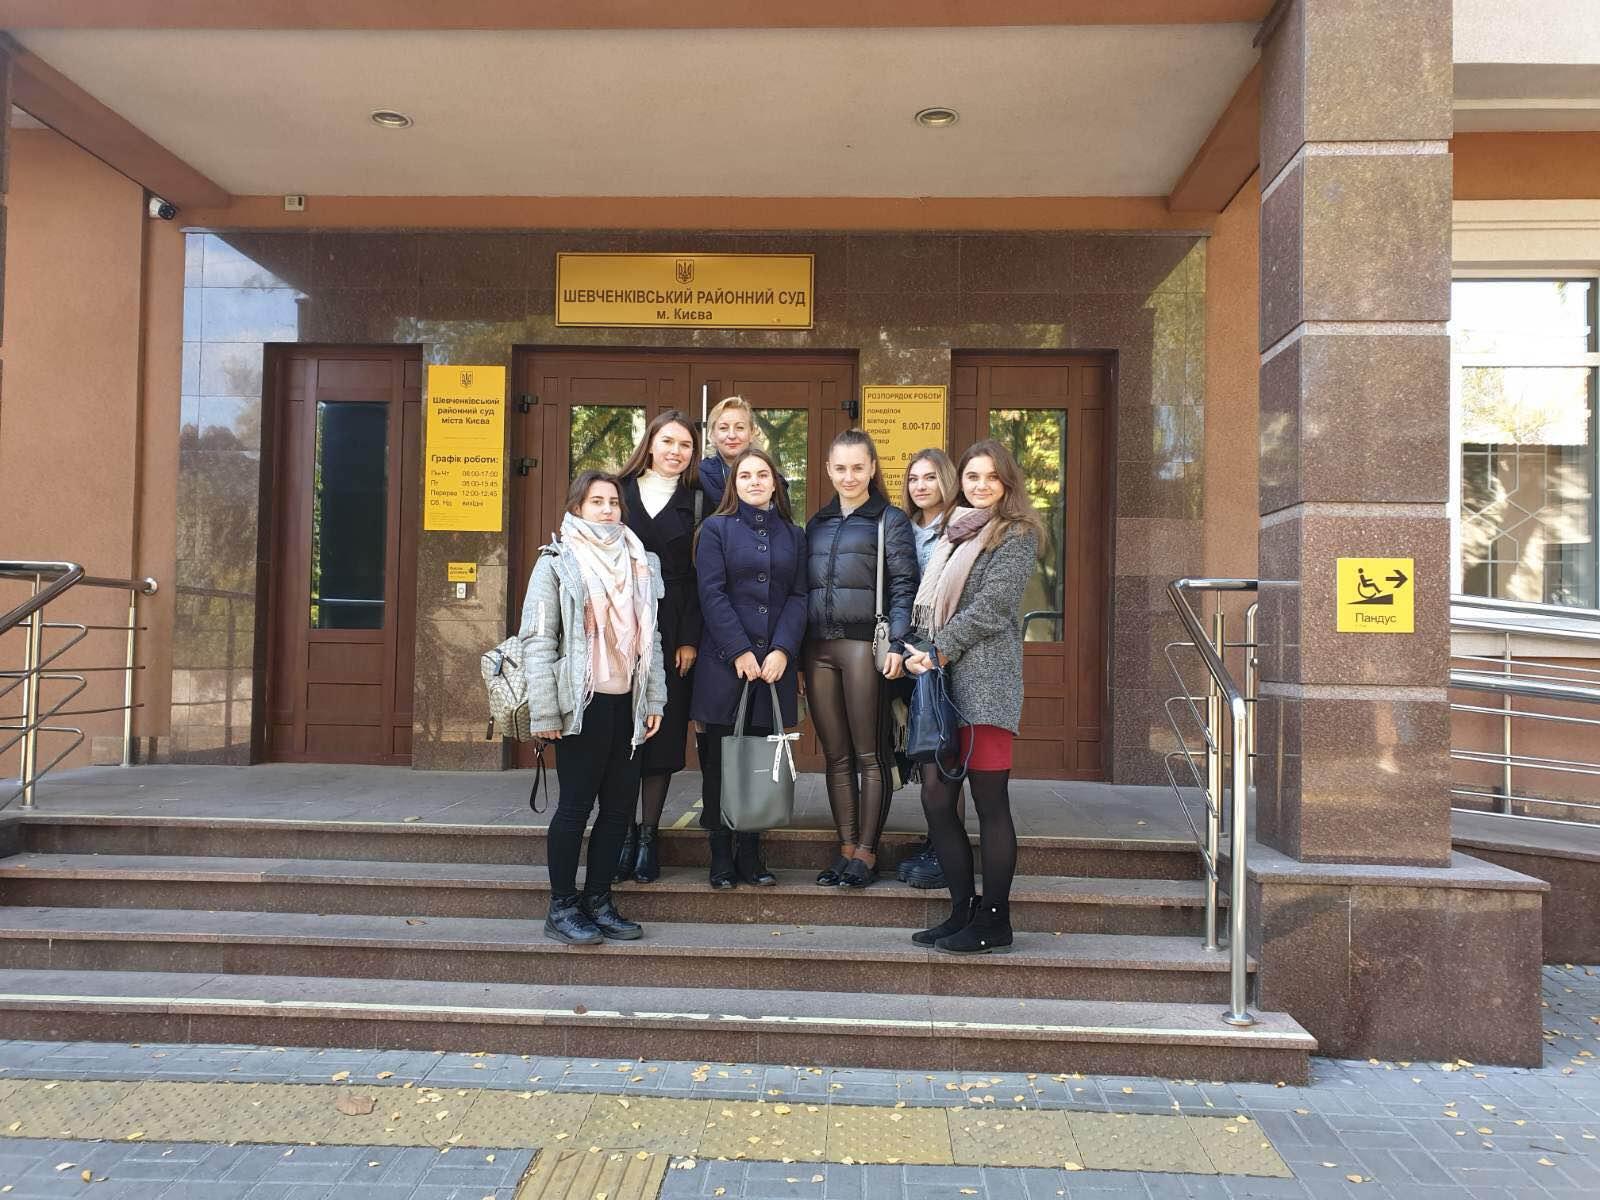 Студенти-консультанти НПЛ «Юридичної клініки» відвідали судове засідання в Шевченківському районному суді міста Києва